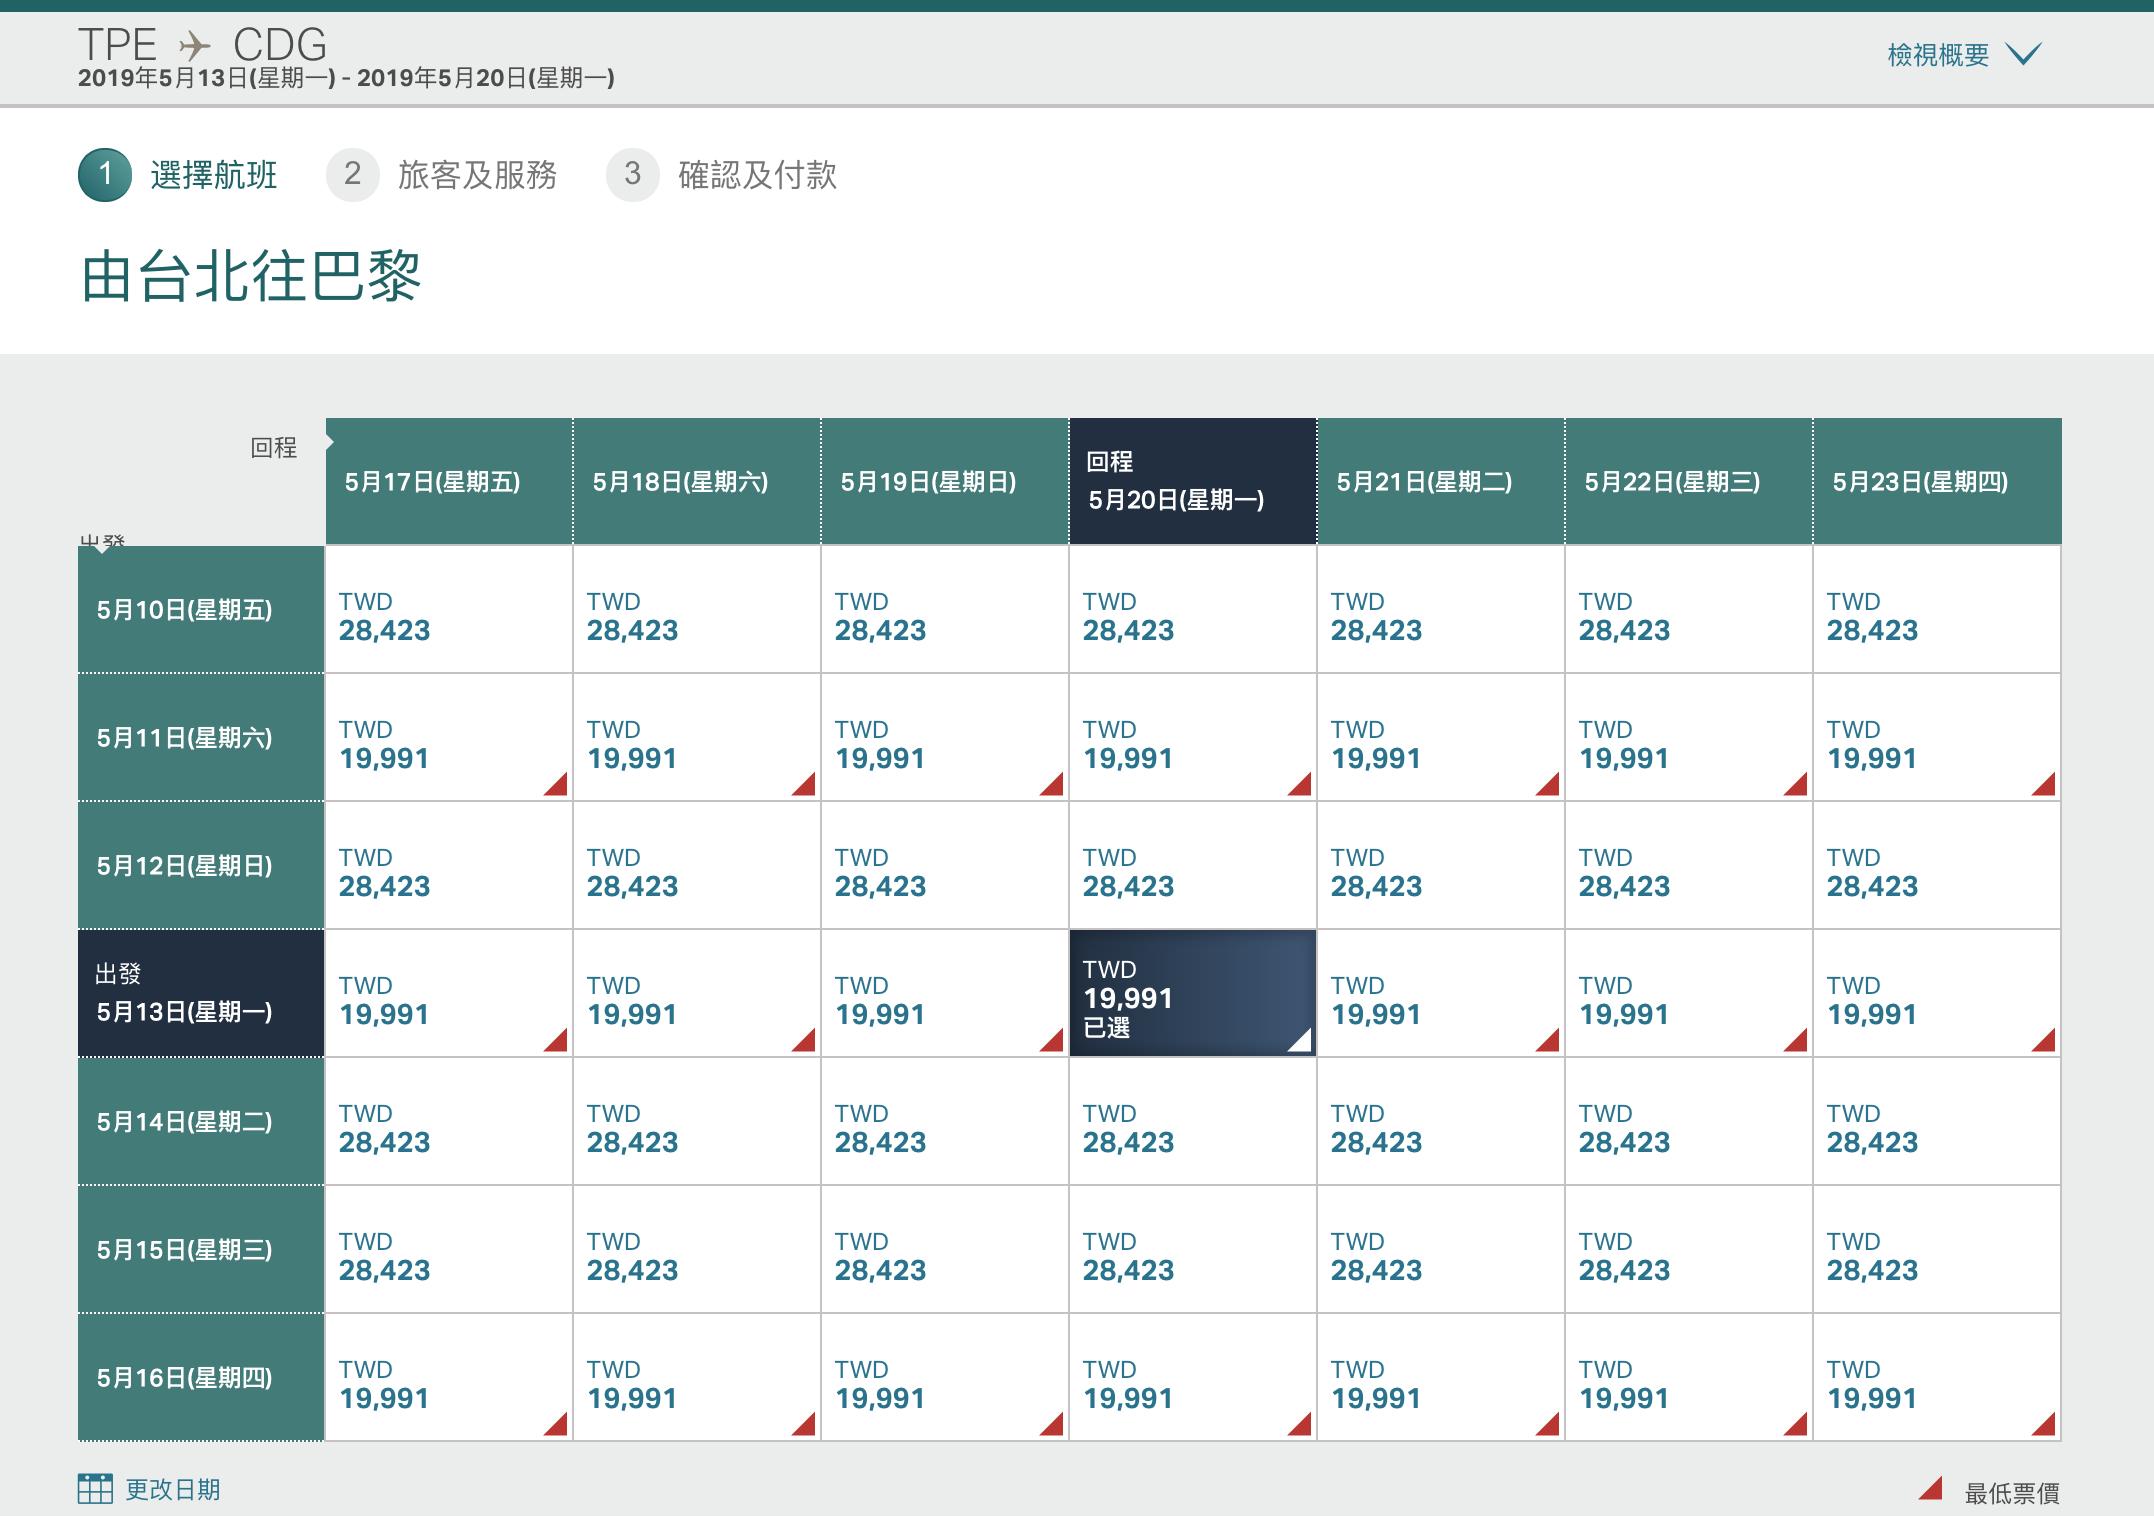 即時熱門文章:國泰夏季機票促銷,歐洲線全年除暑假最低19K起~(查票:107.11.18)